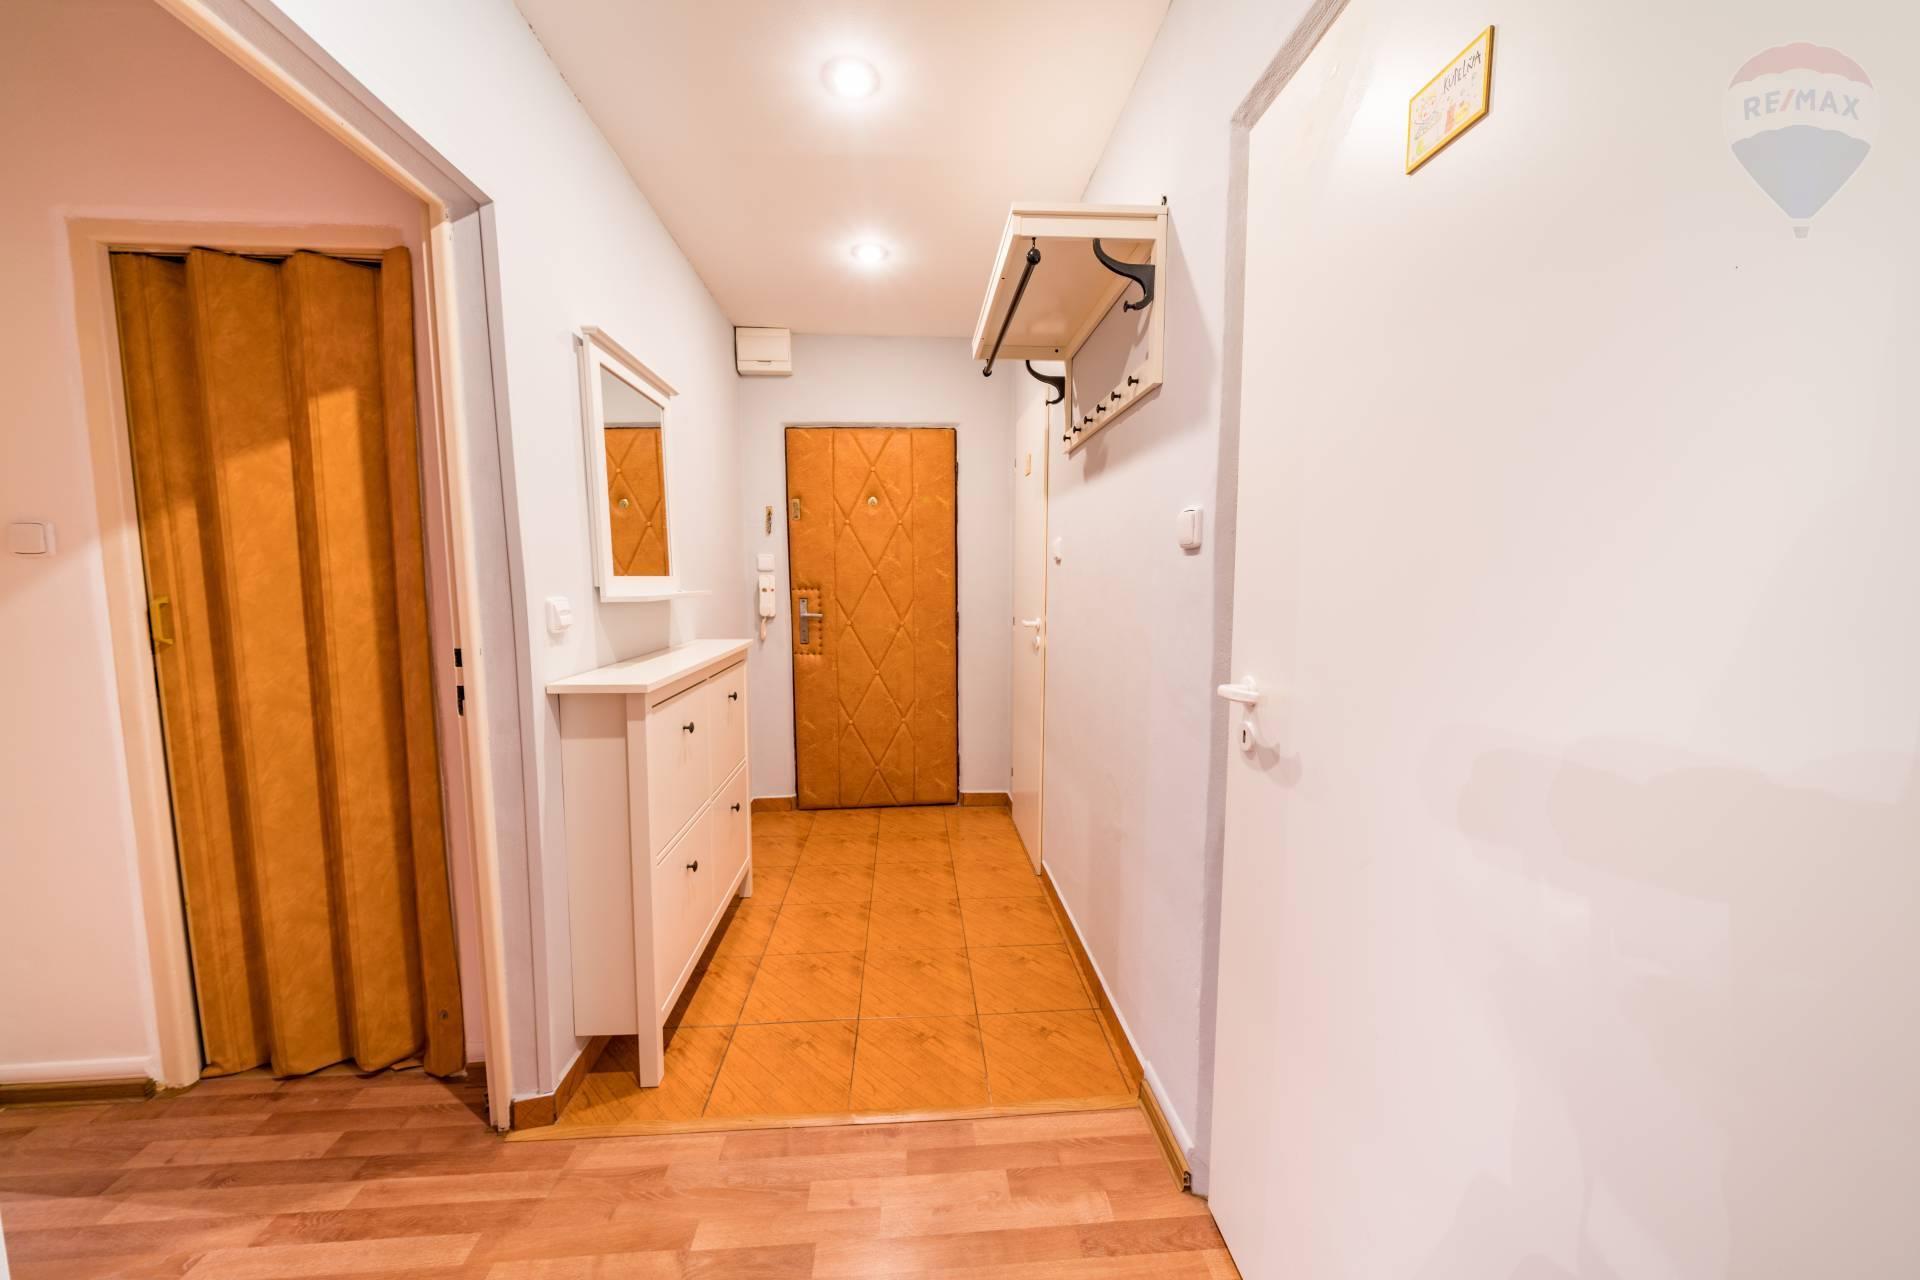 Prenájom bytu (3 izbový) 76 m2, Prešov - 3 izbový byt na prenájom, Prešov